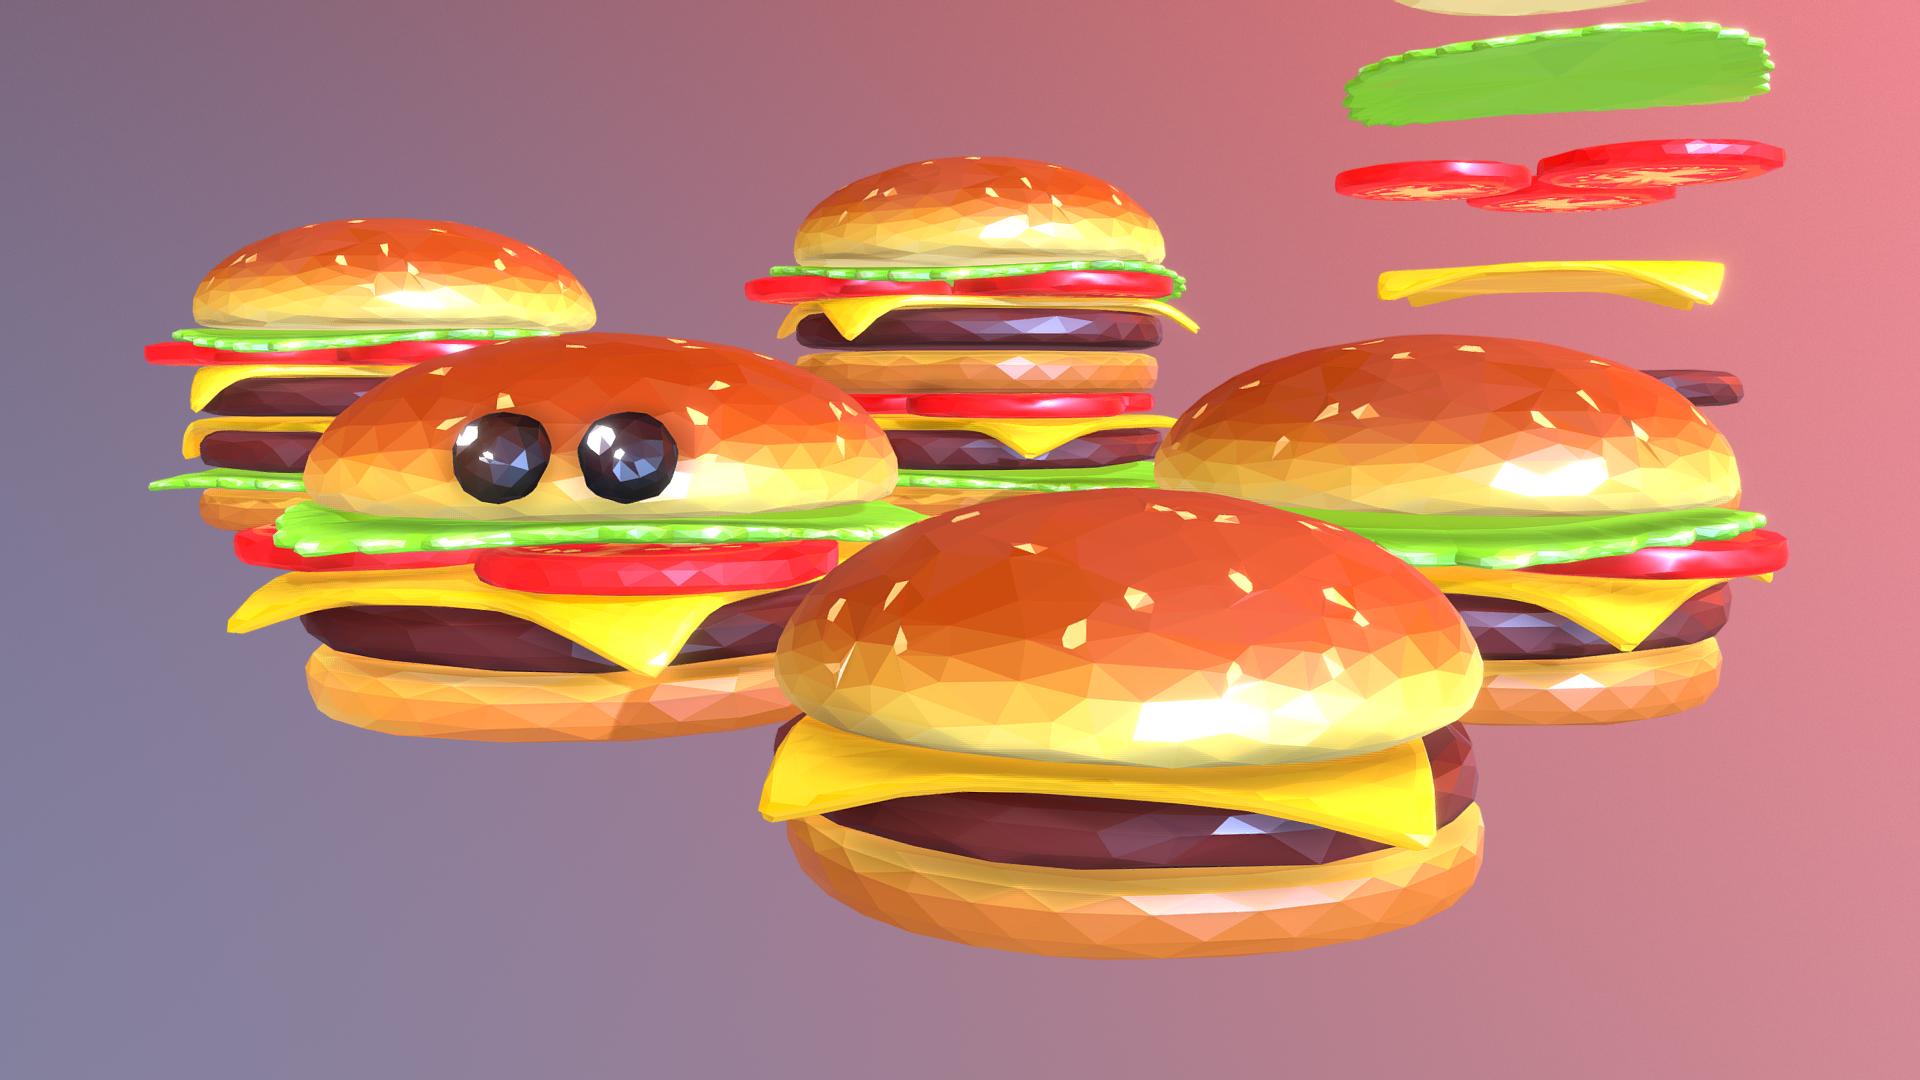 lowpolyart hamburger cheeseburger graditelj 3d model 3ds max fbx jpeg jpg ma mb tekstura obj 269553